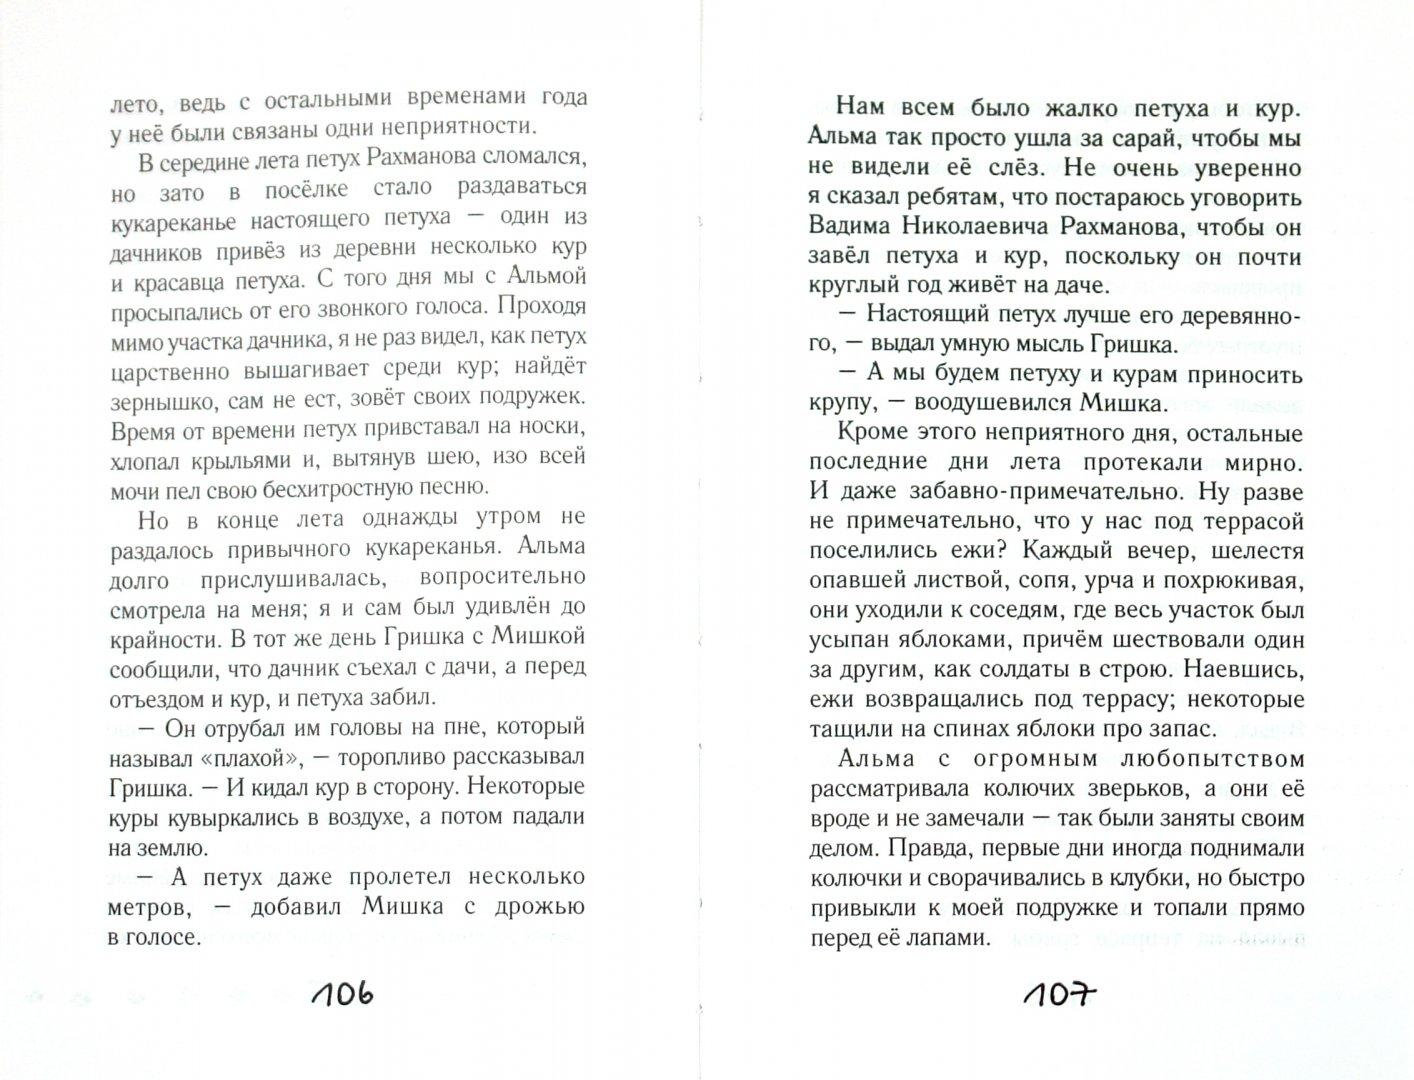 Иллюстрация 1 из 13 для Альма - Леонид Сергеев | Лабиринт - книги. Источник: Лабиринт